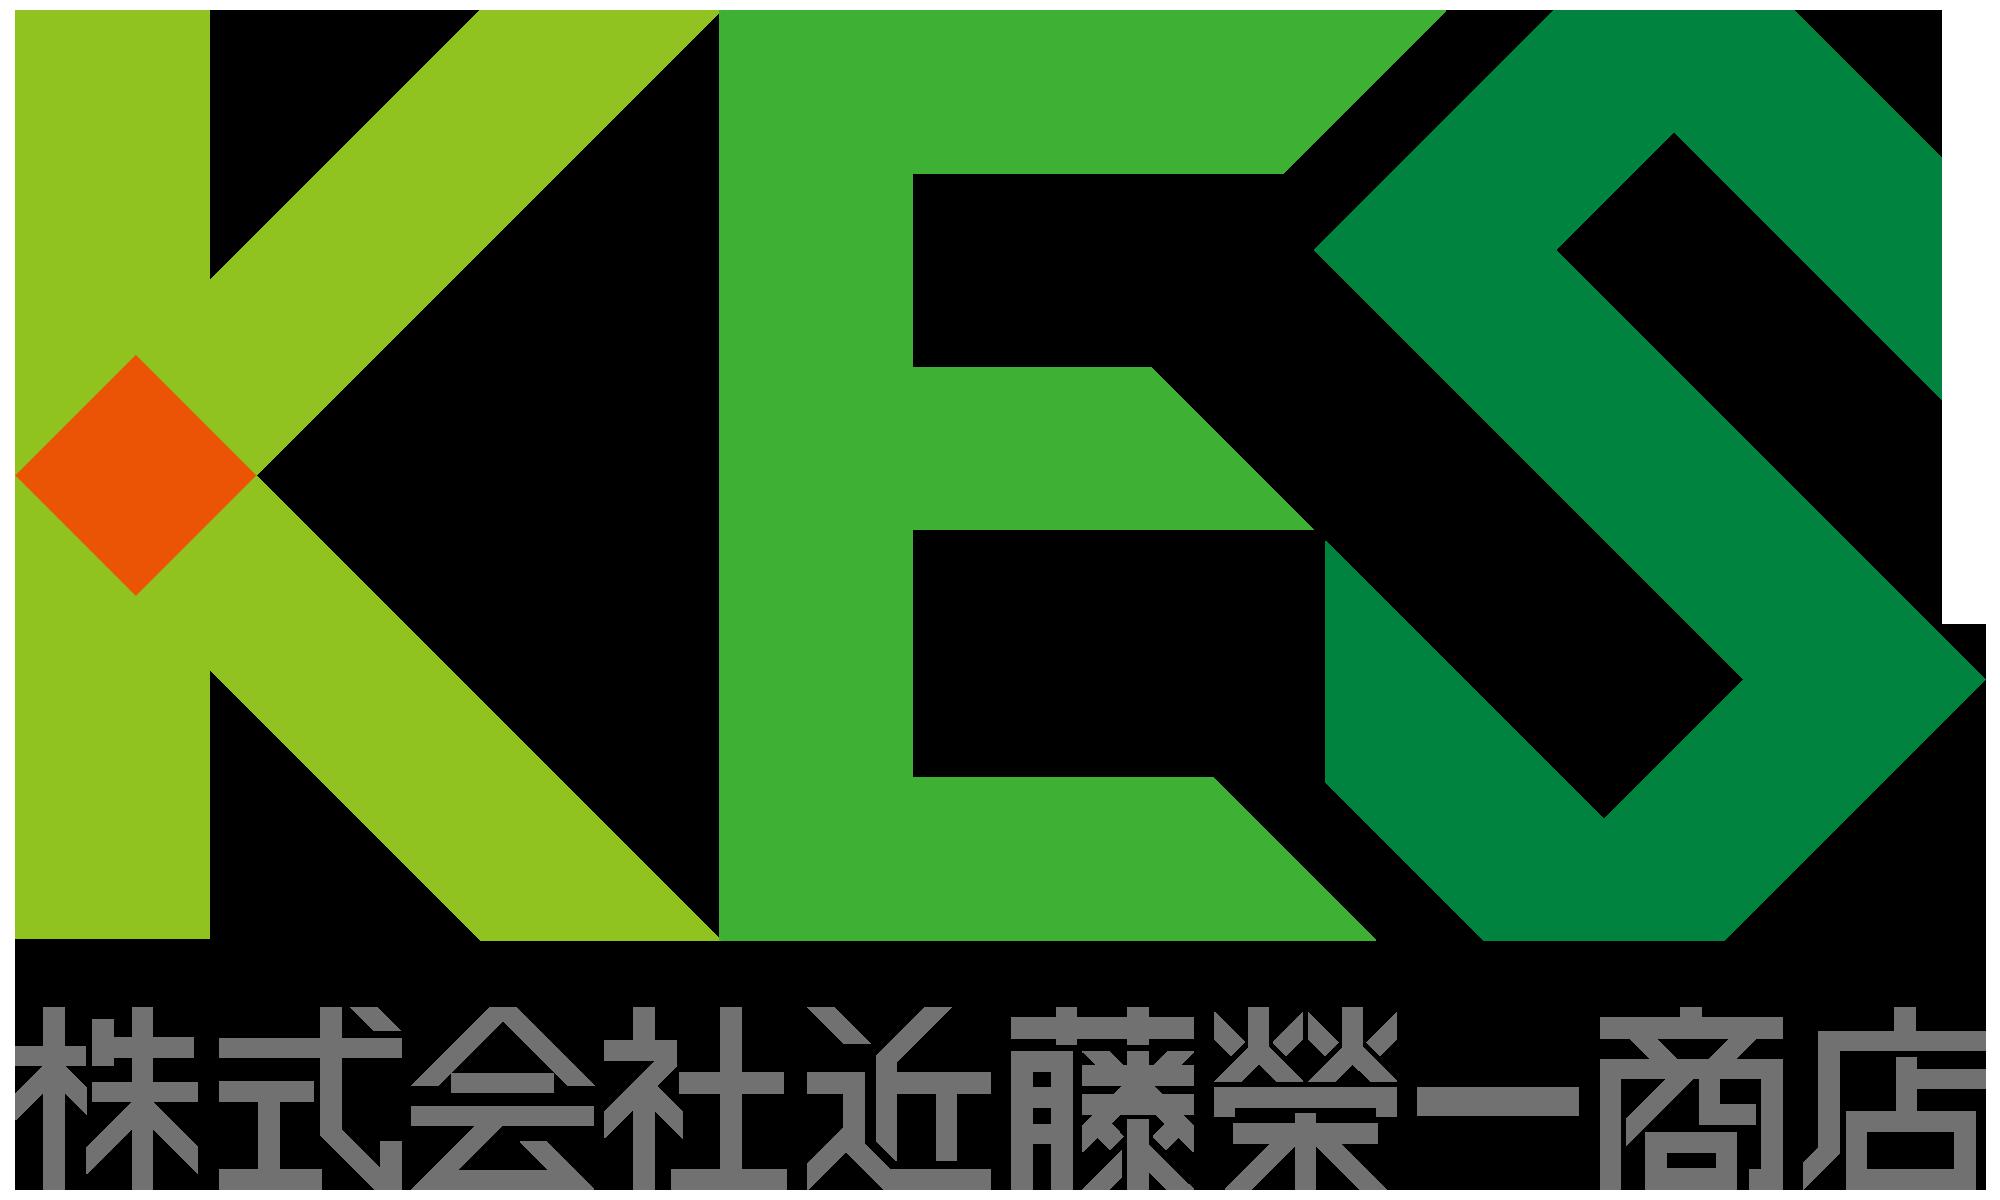 農業/農園/酪農/畜産/水産とロゴタイプ(文字のみのデザイン)と緑のロゴ